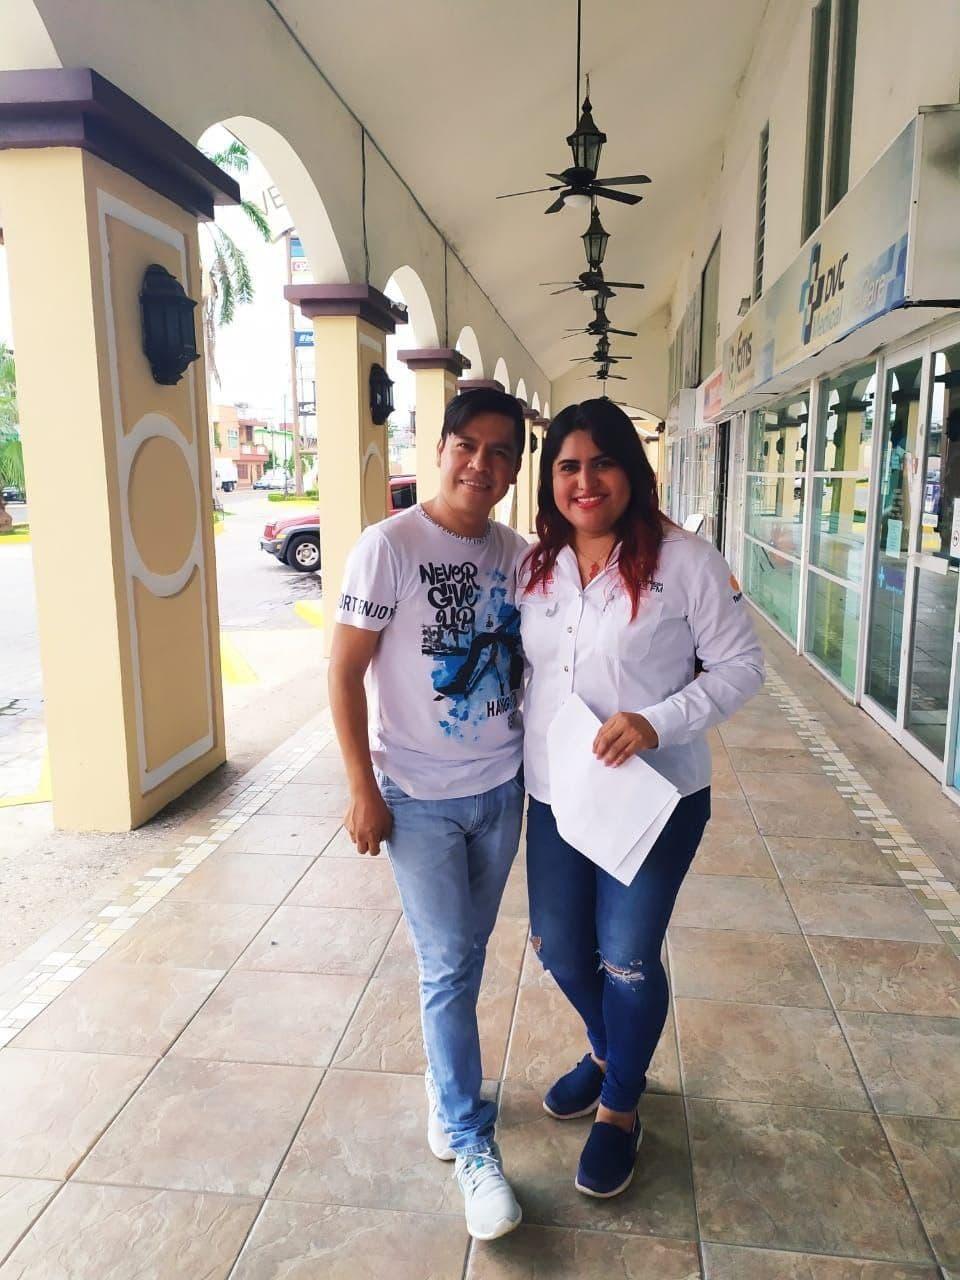 El Dr. Miguel Angel Ramirez Aguilar y Christy Iglesias del programa TropiSureste fundadores de Tu Radio Inteligente